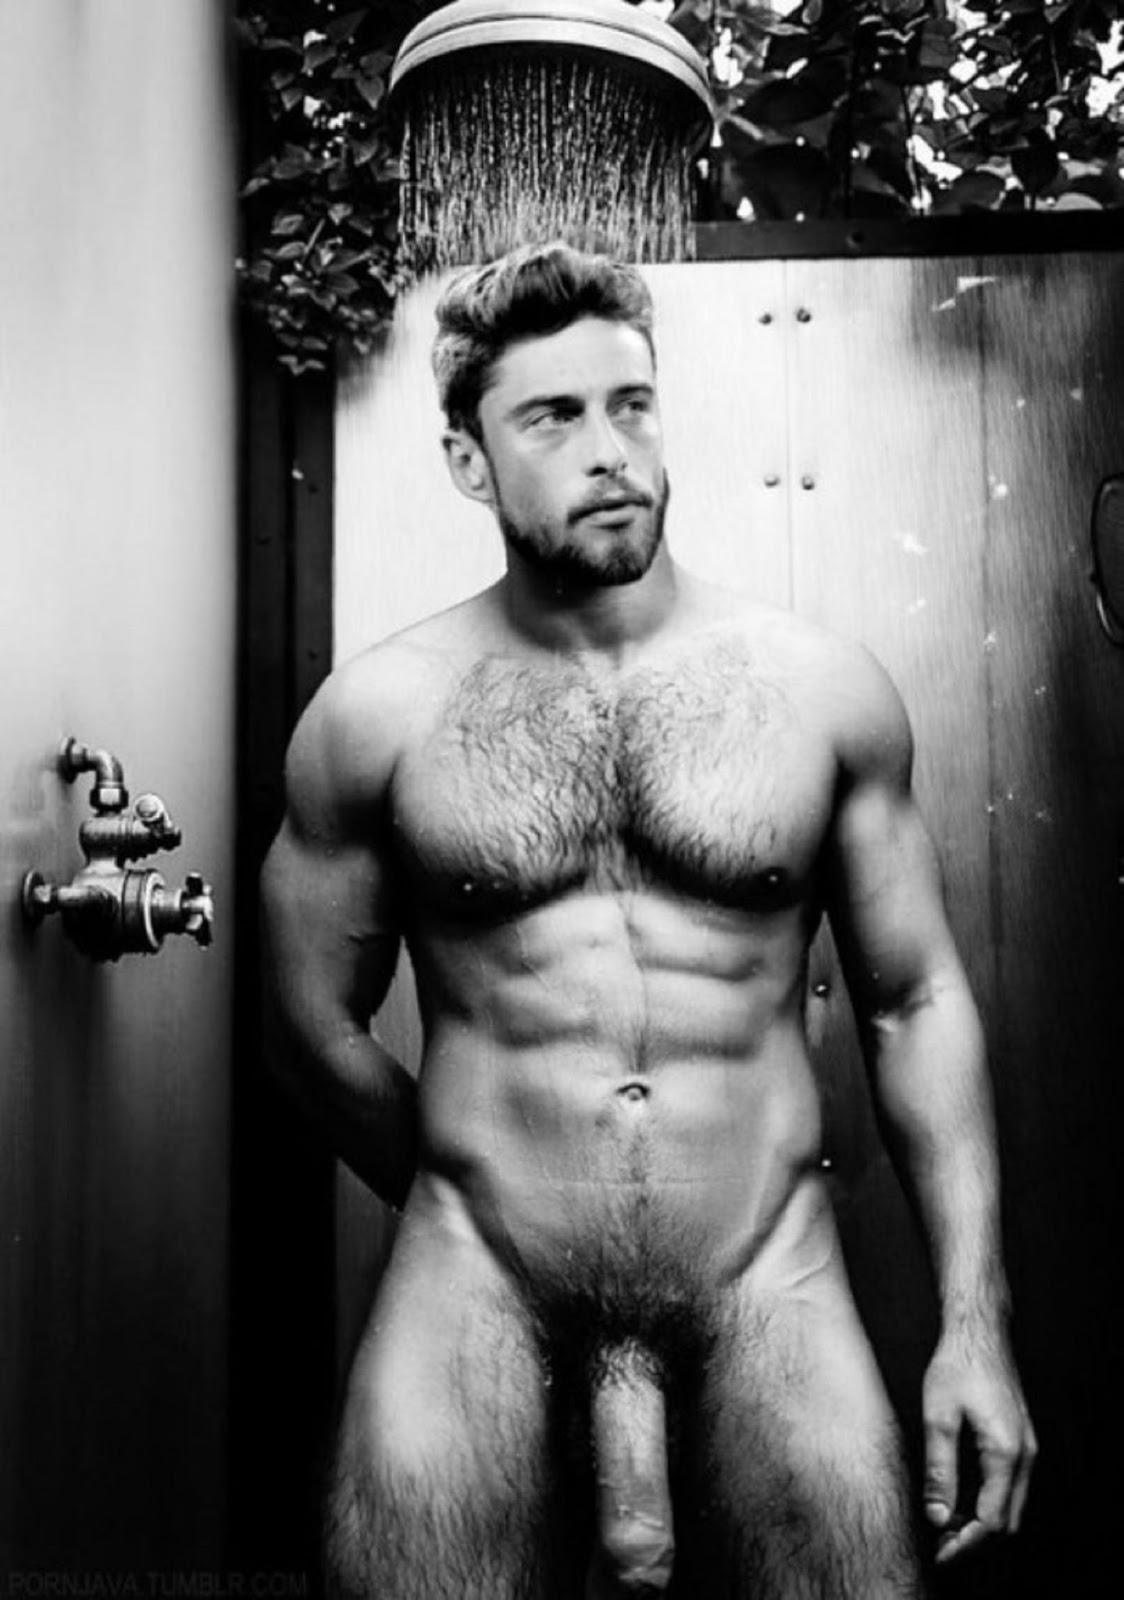 Порно смотреть накаченный мужчина голый обнаженный секс парень